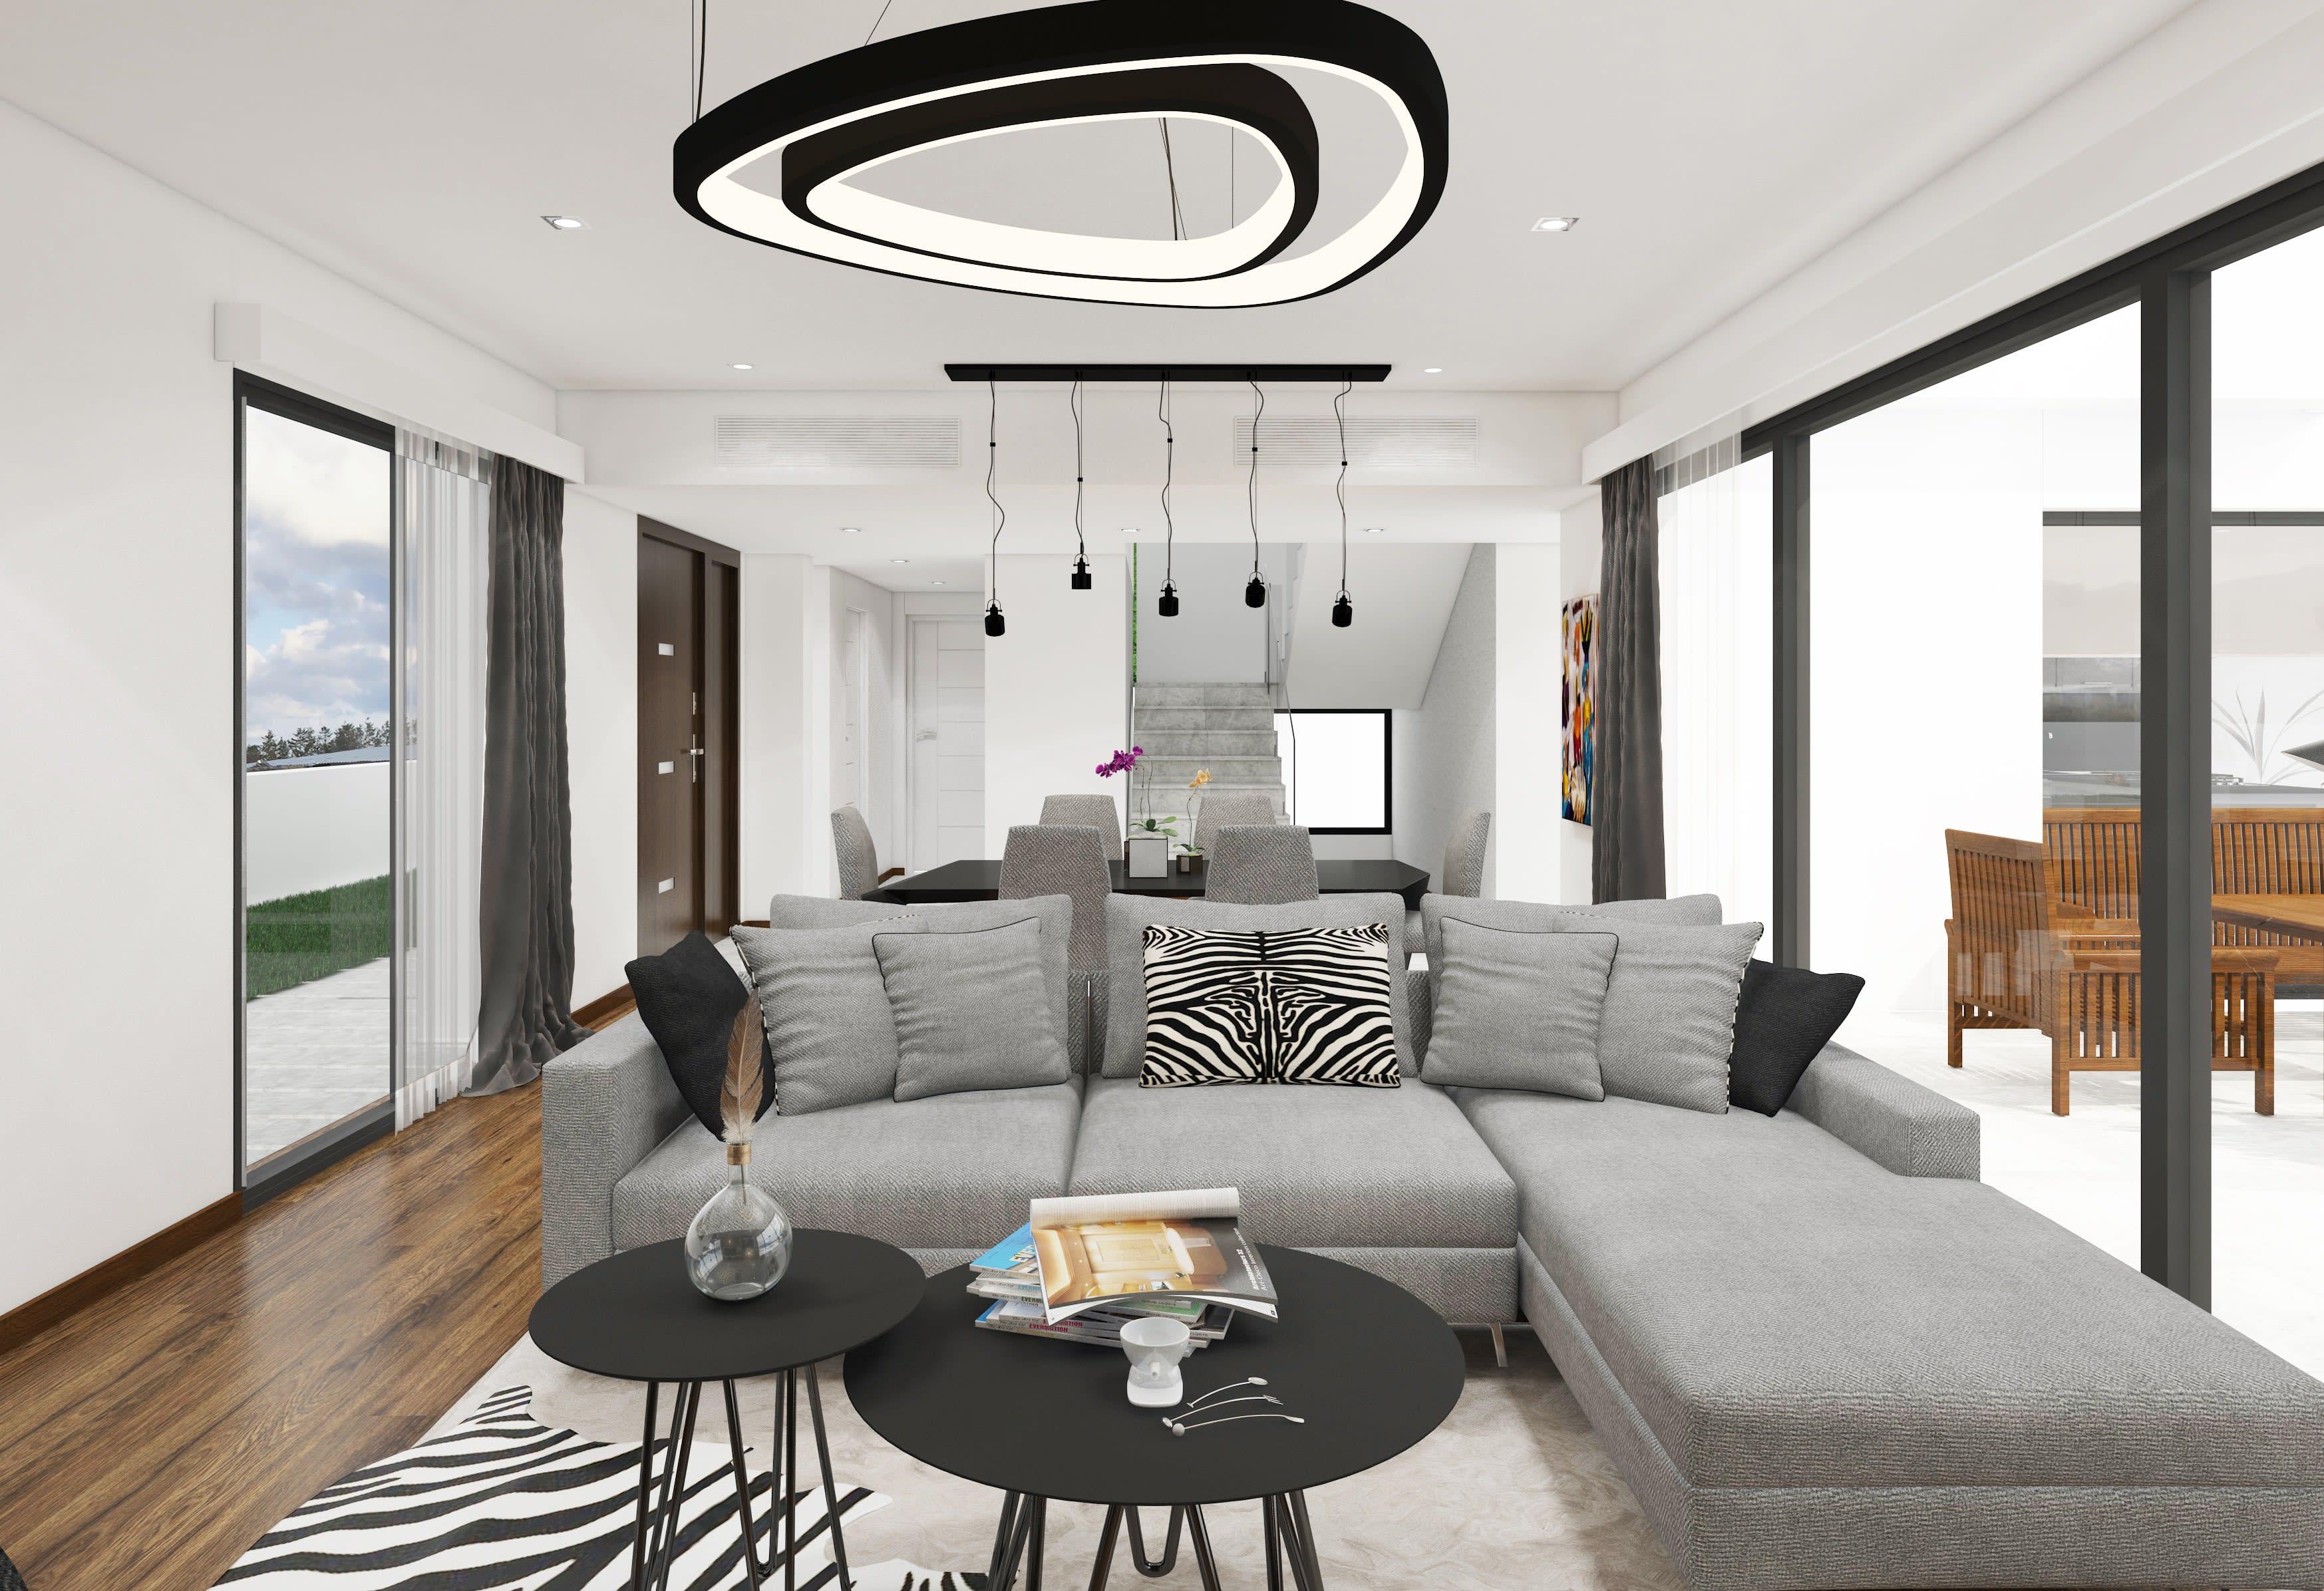 Çatalköy'de Satılık 4 Yatak Odalı ve Özel Havuzlu Lüks Villalar 7940